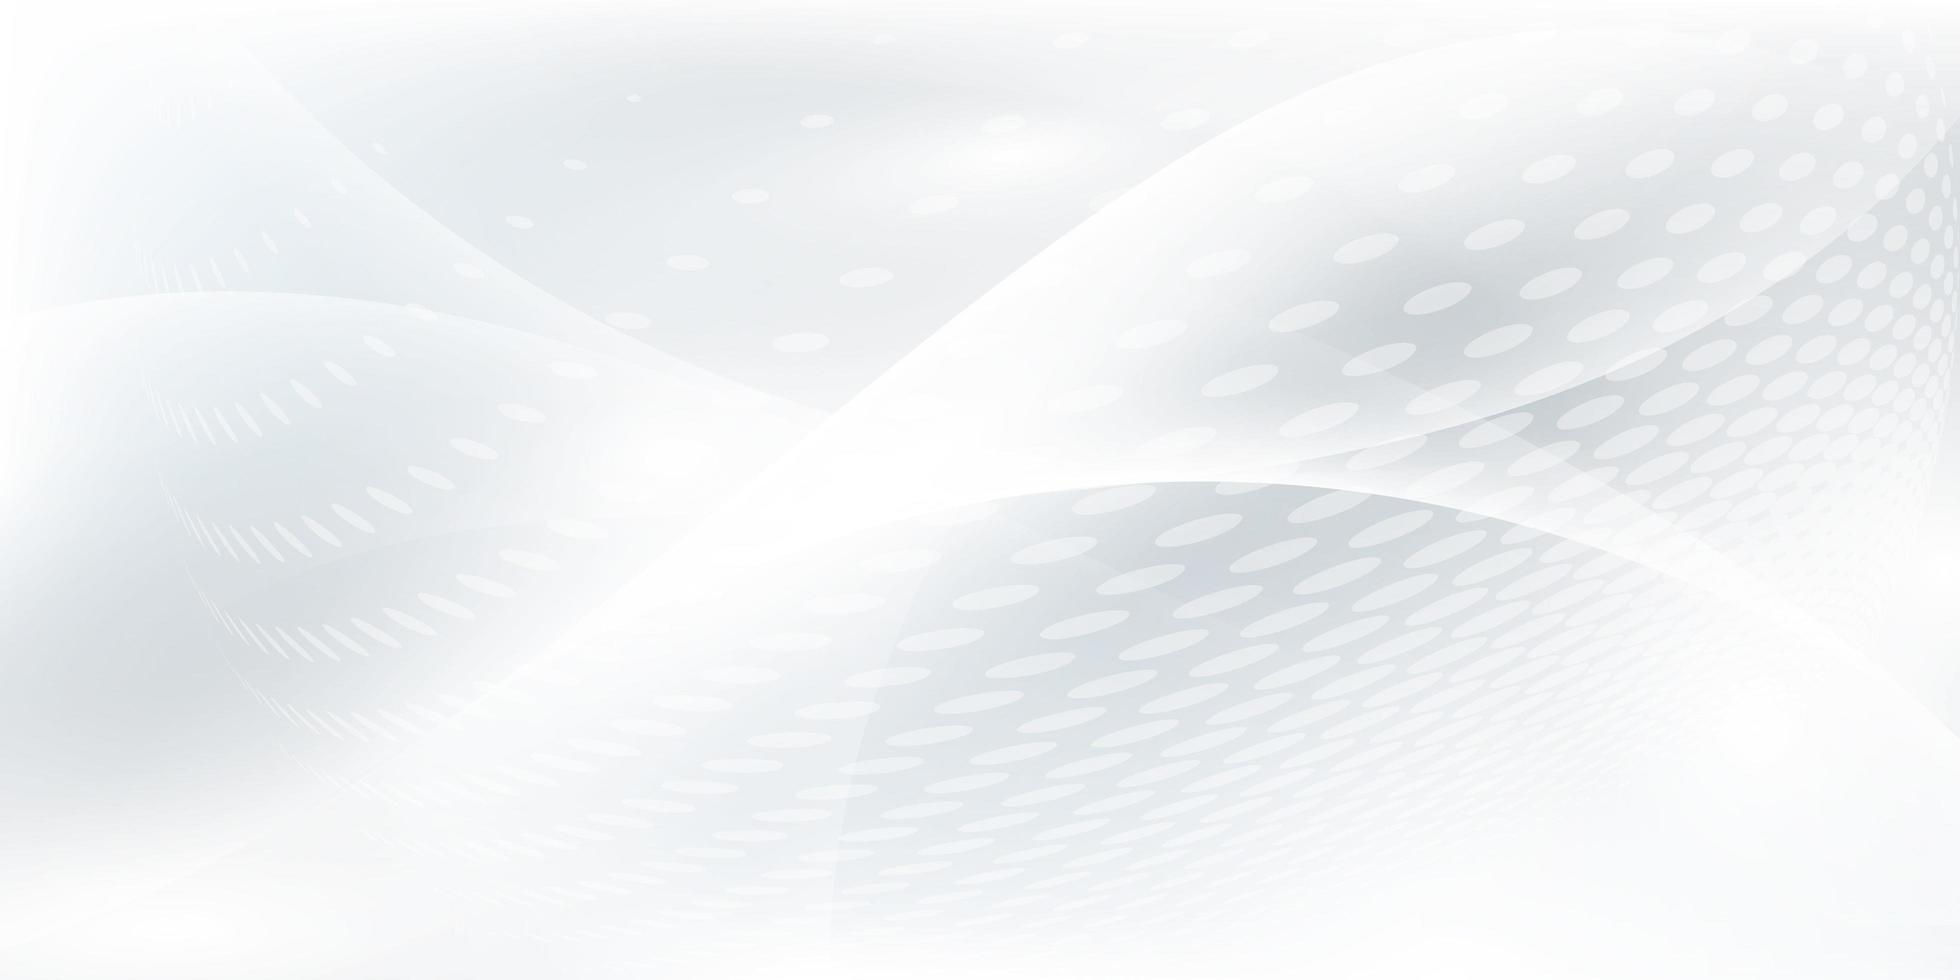 abstraktes grauweißes Hintergrundplakat mit dynamischen Wellen. vektor